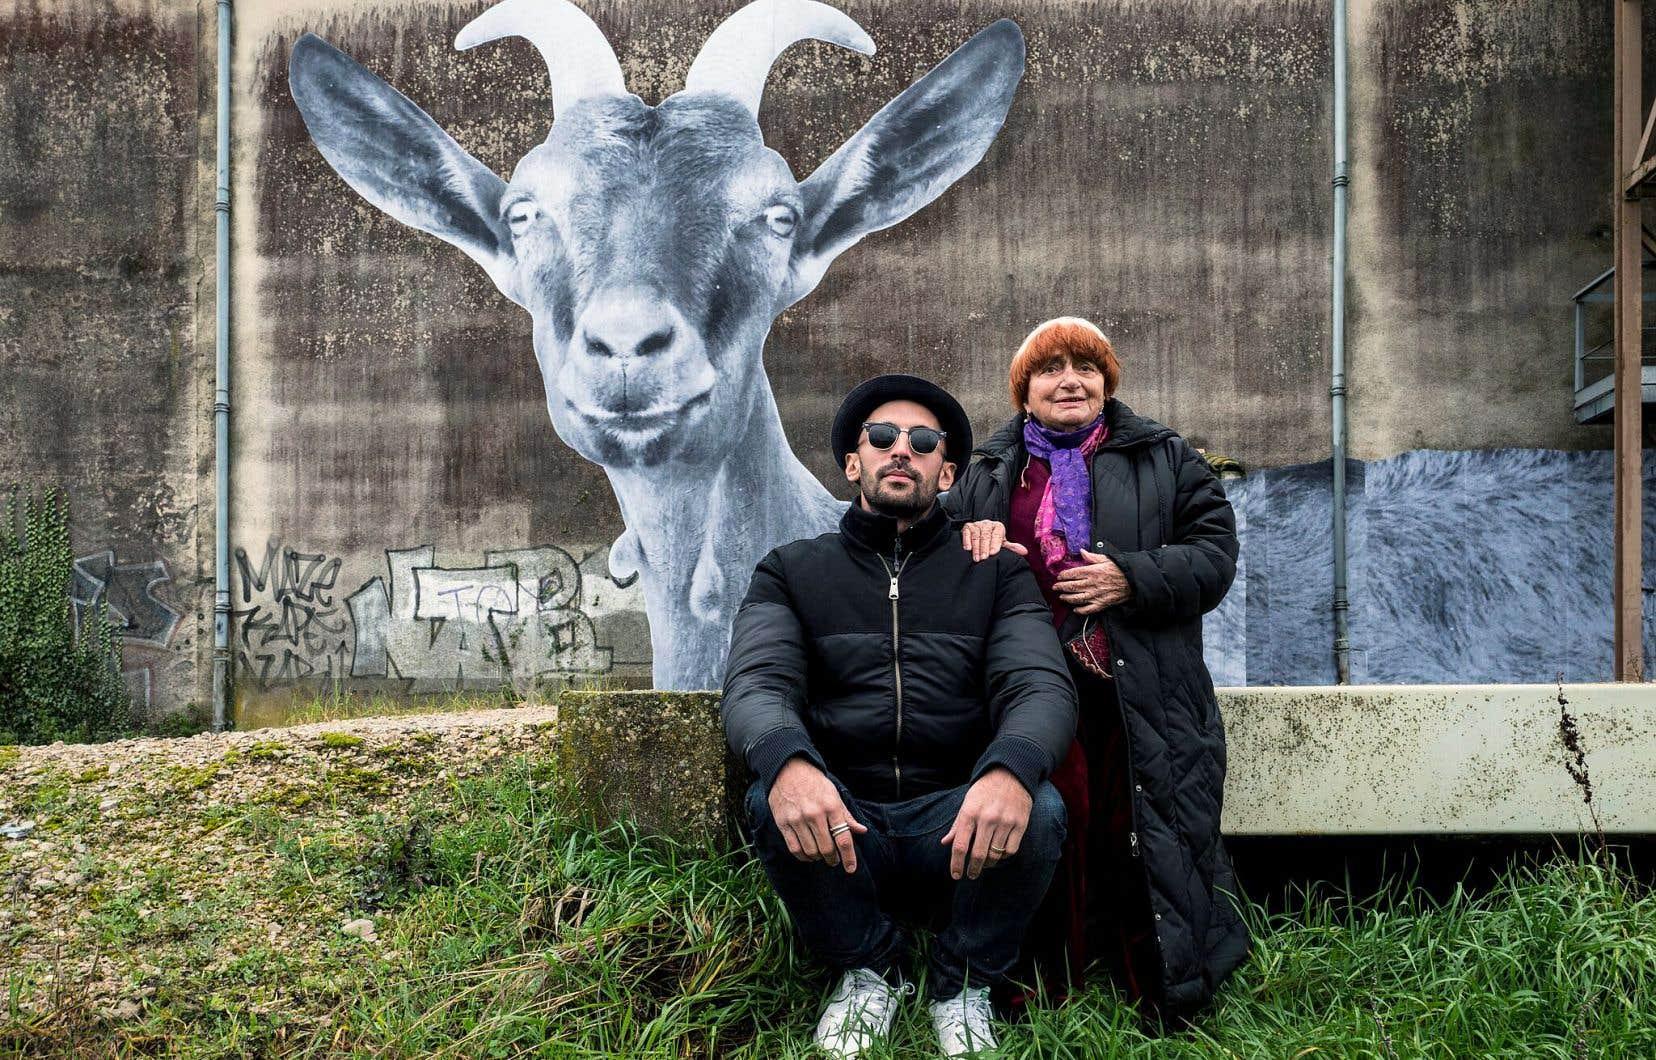 JR et Agnès Varda ont sillonné la France, loin des grandes villes, à bord du camion photographique du premier pour écouter, photographier et parfois afficher les villageois rencontrés.